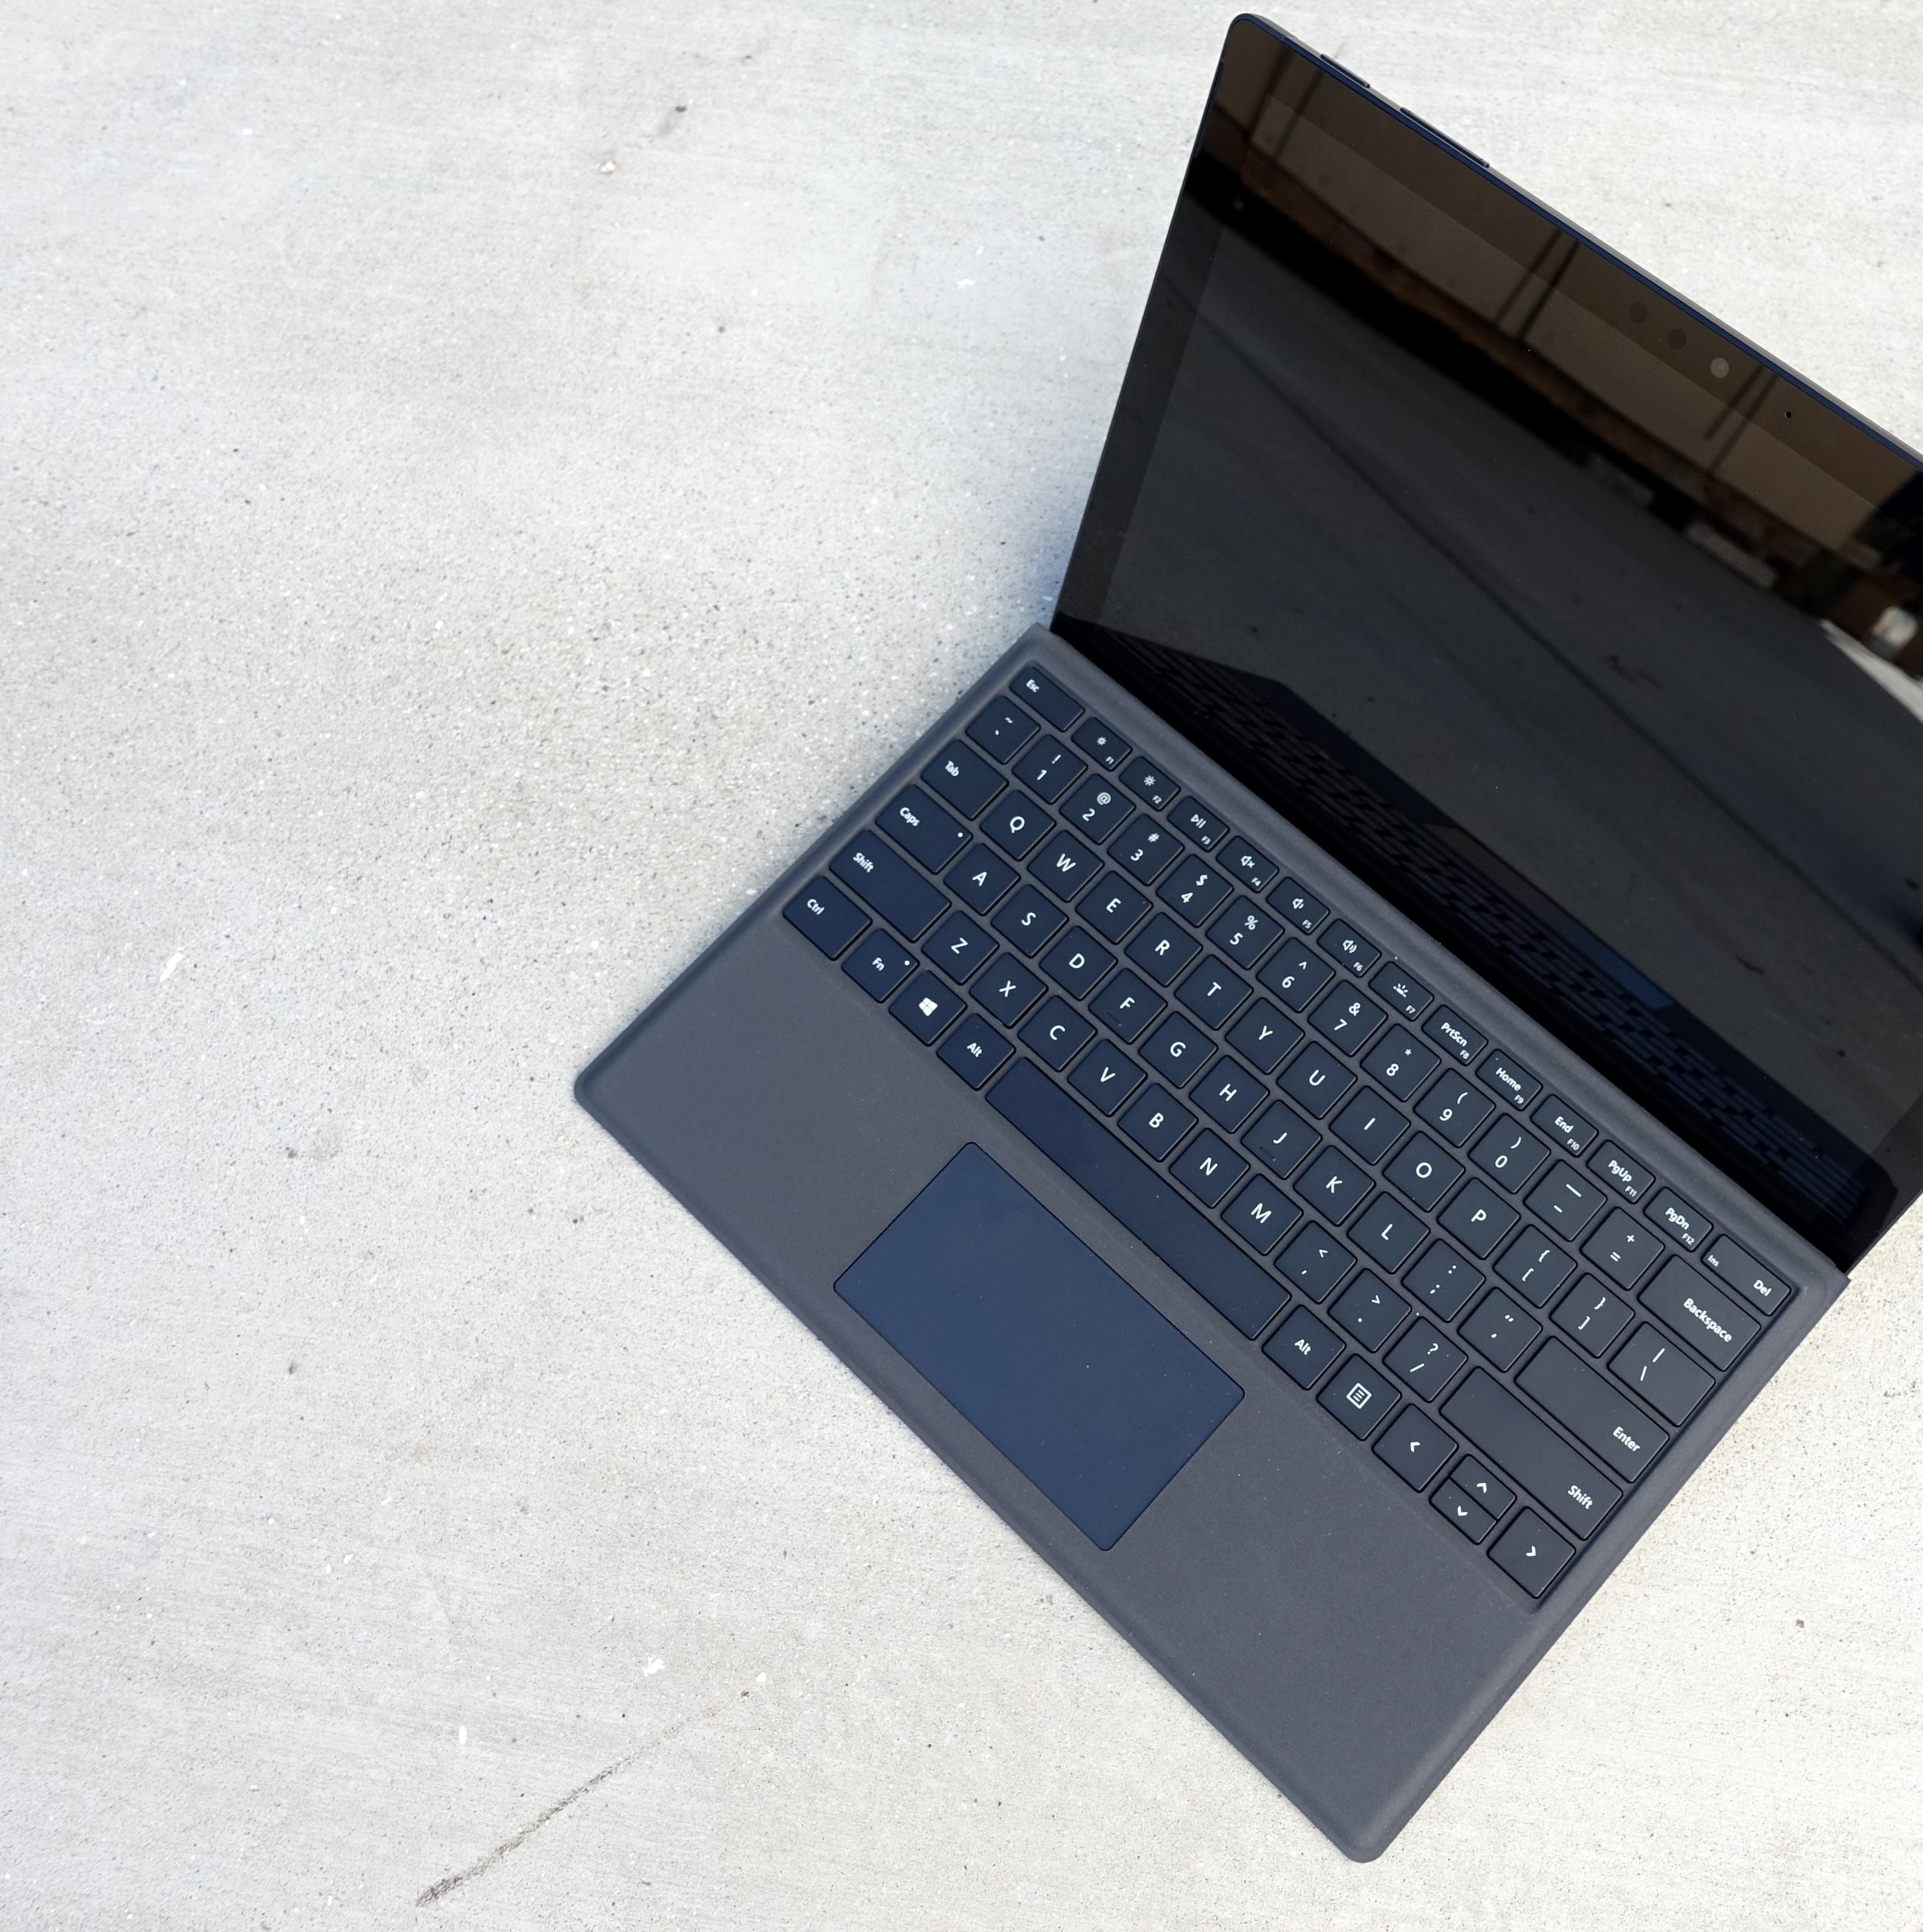 SNIKTITT: Surface Pro 6 - jeg burde ikke like den så godt